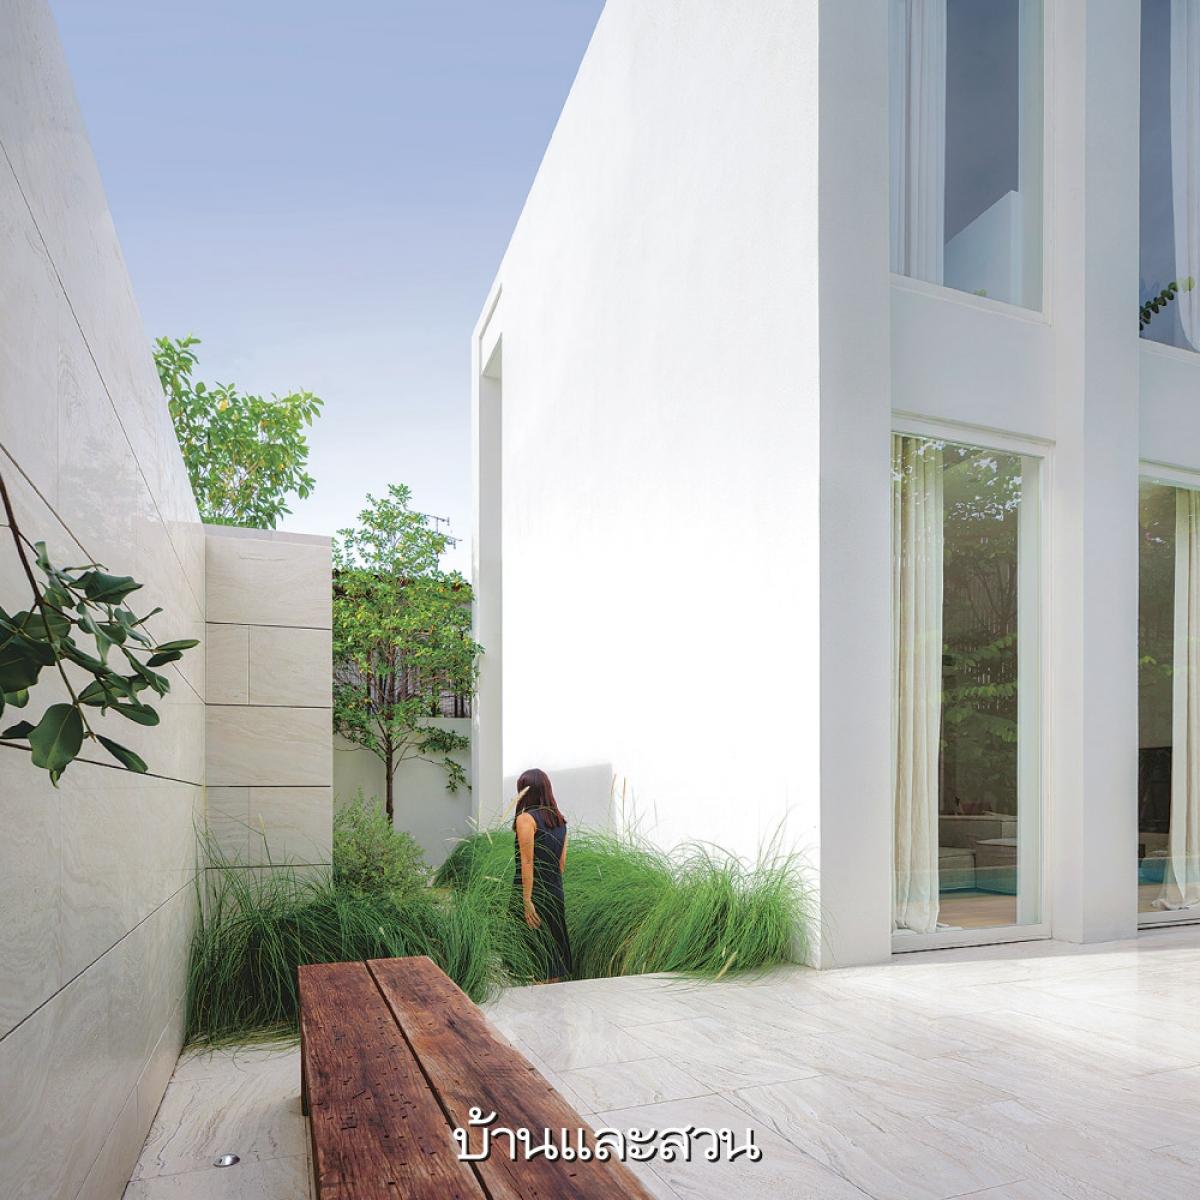 Xung quanh khuôn viên được trồng khá nhiều cây và cỏ chùm để tạo nên một không gian trong lành, mát mẻ.